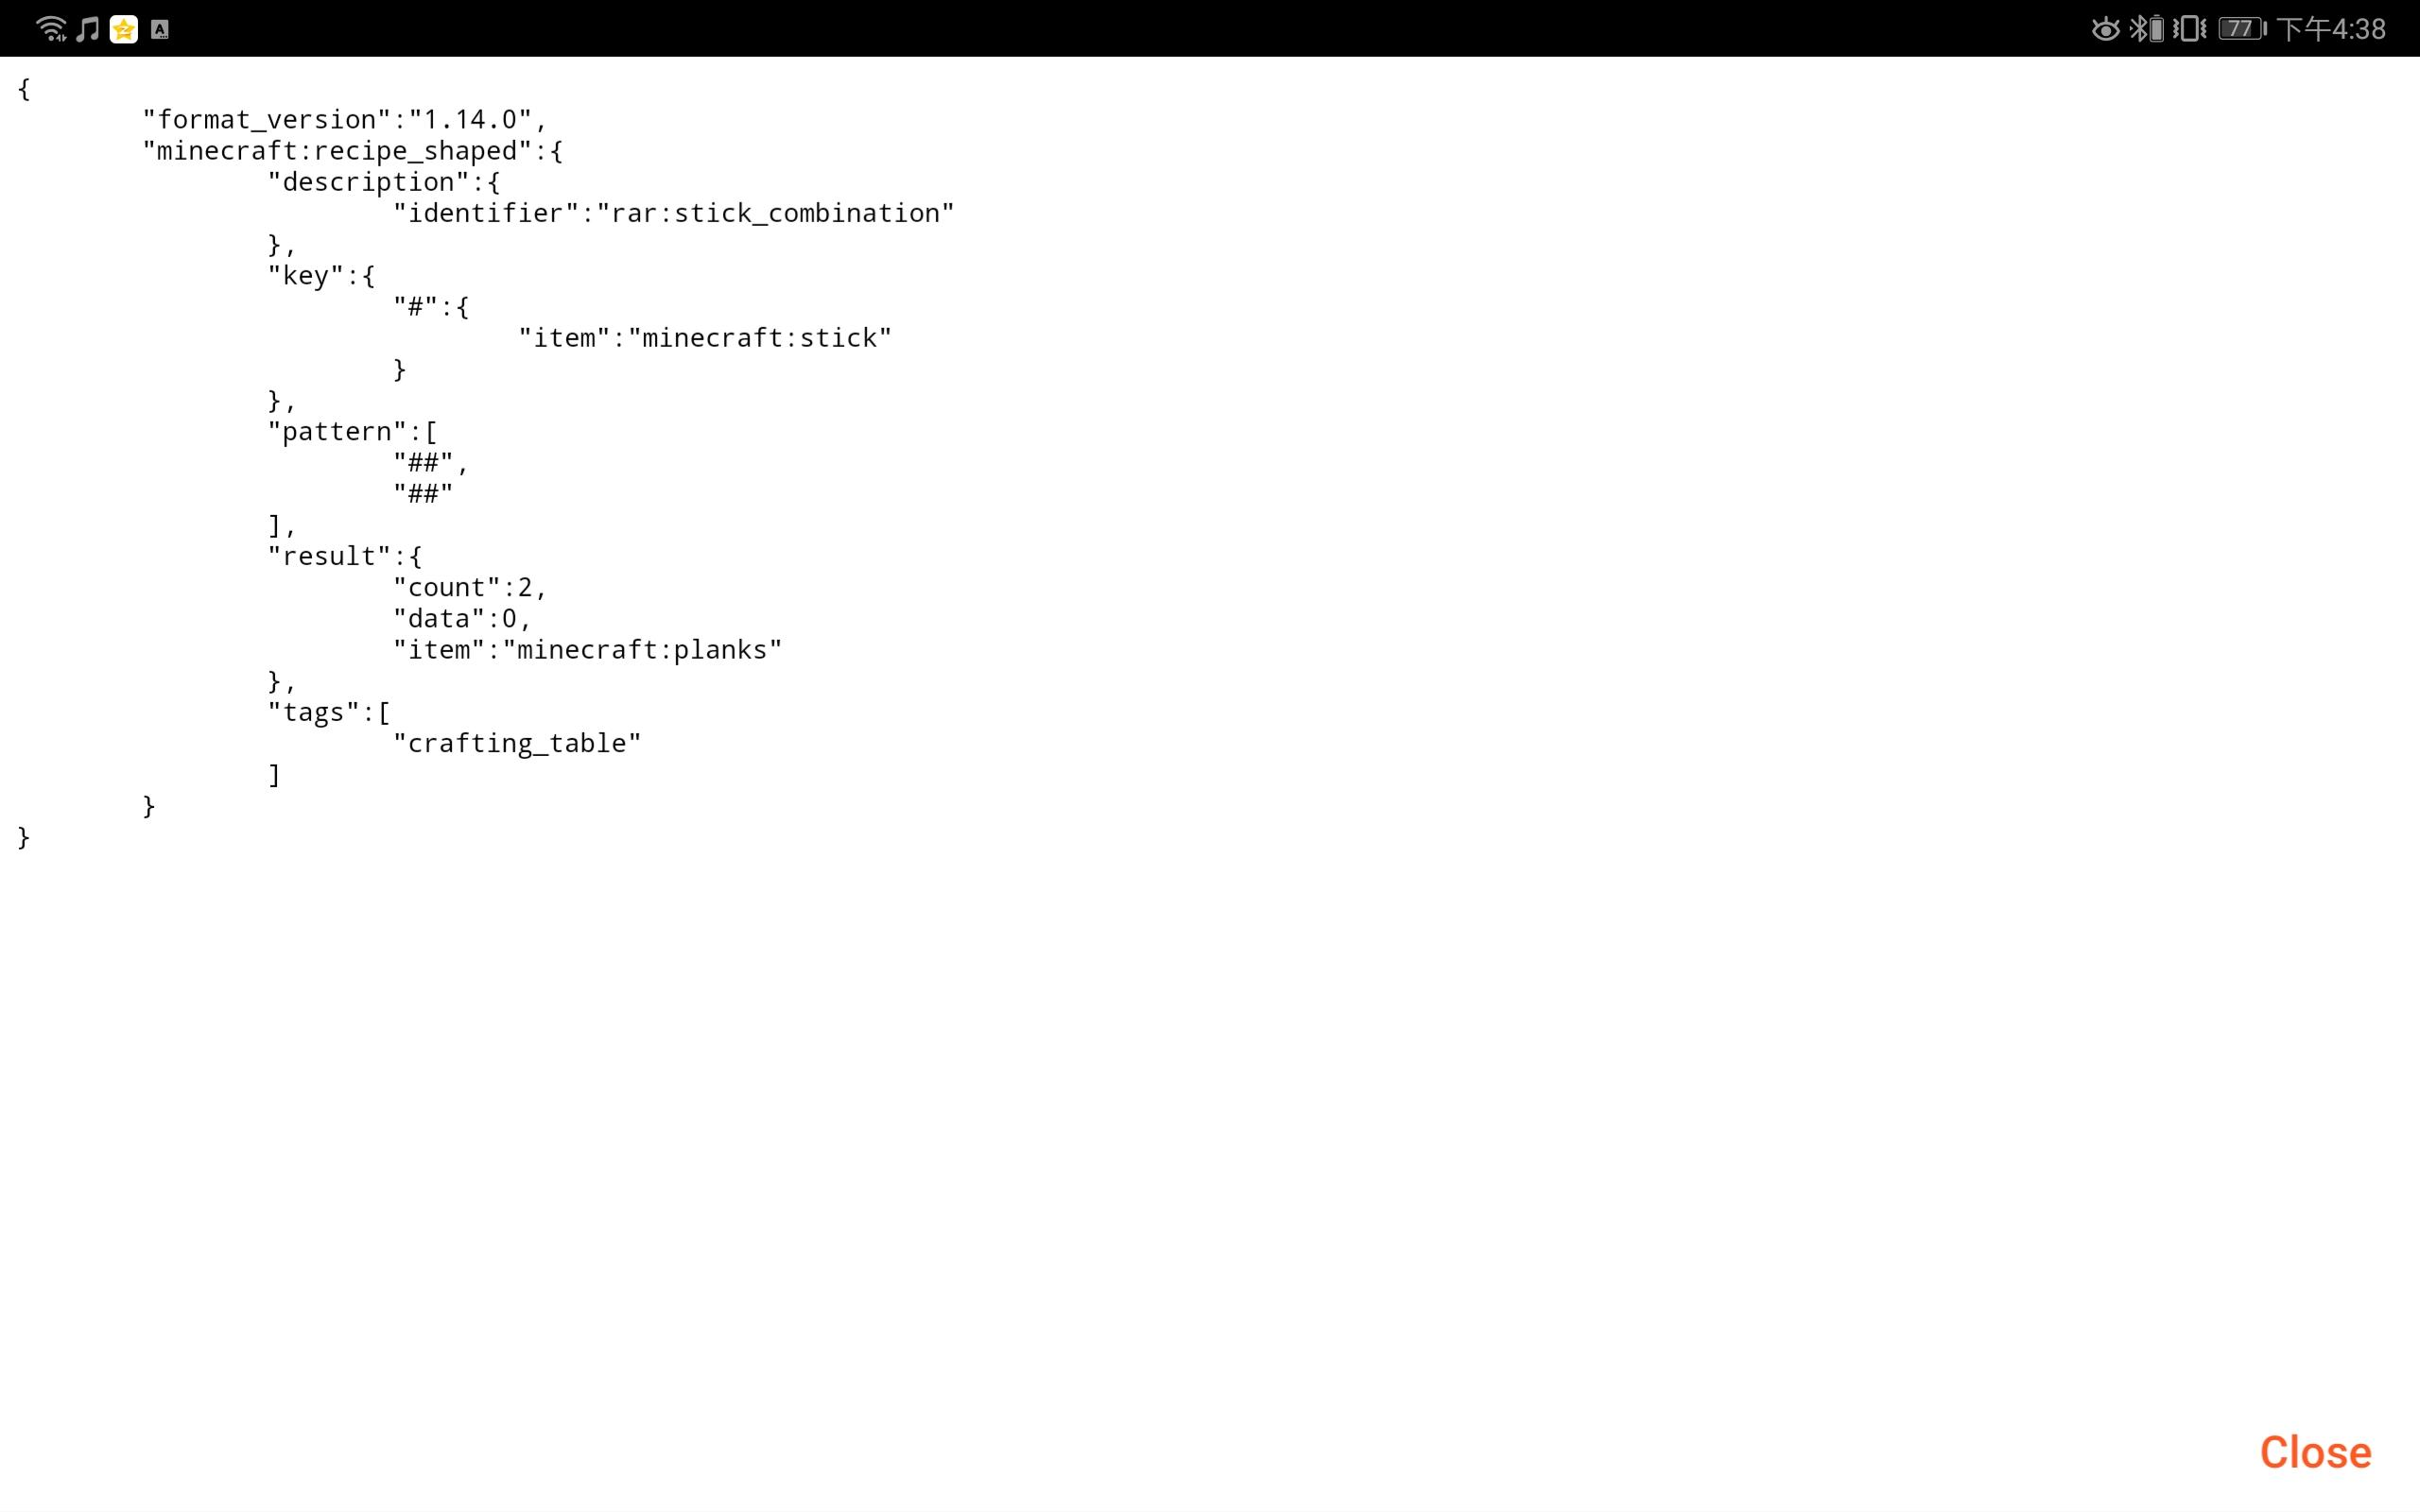 Screenshot_20200203_163828_com.tuyware.jsongenie.jpg